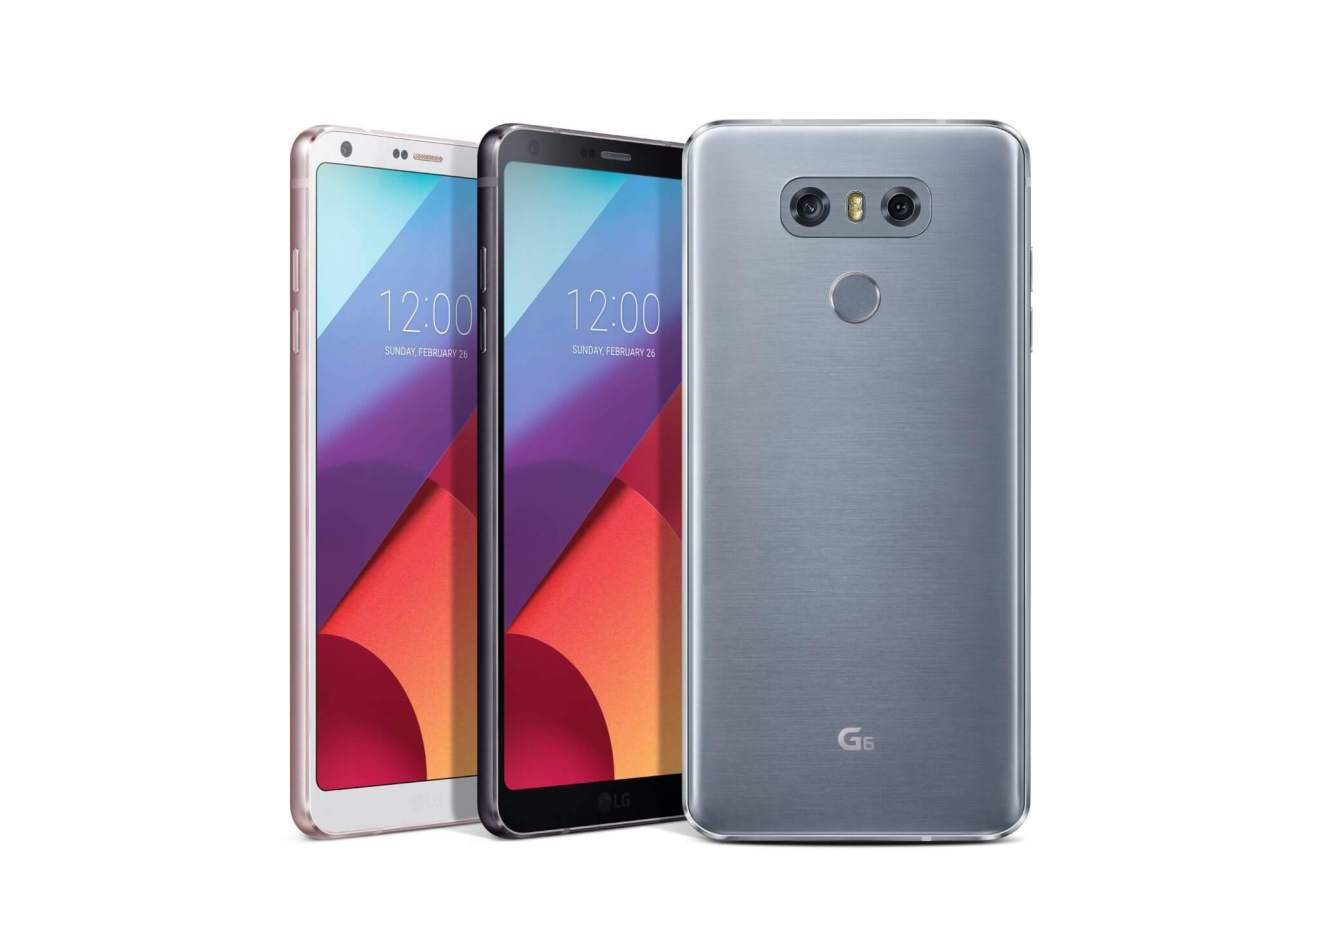 LG G6 02 - LG G6 deve chegar nas próximas semanas ao Brasil